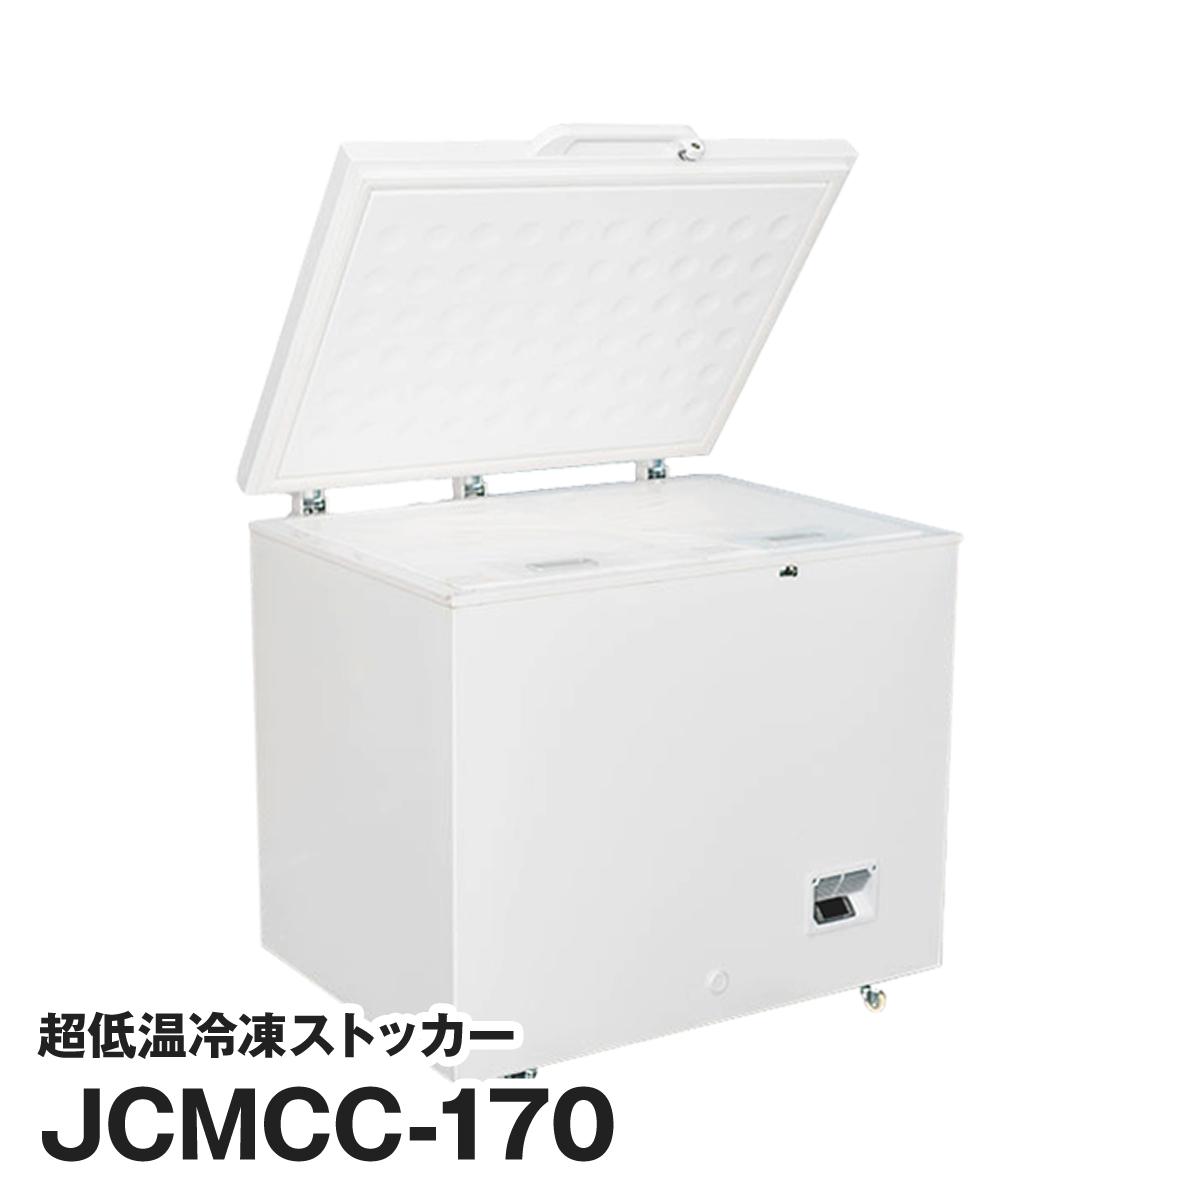 JCM社製 業務用 保冷庫 冷凍庫 174L 超低温冷凍ストッカー JCMCC-170 新品